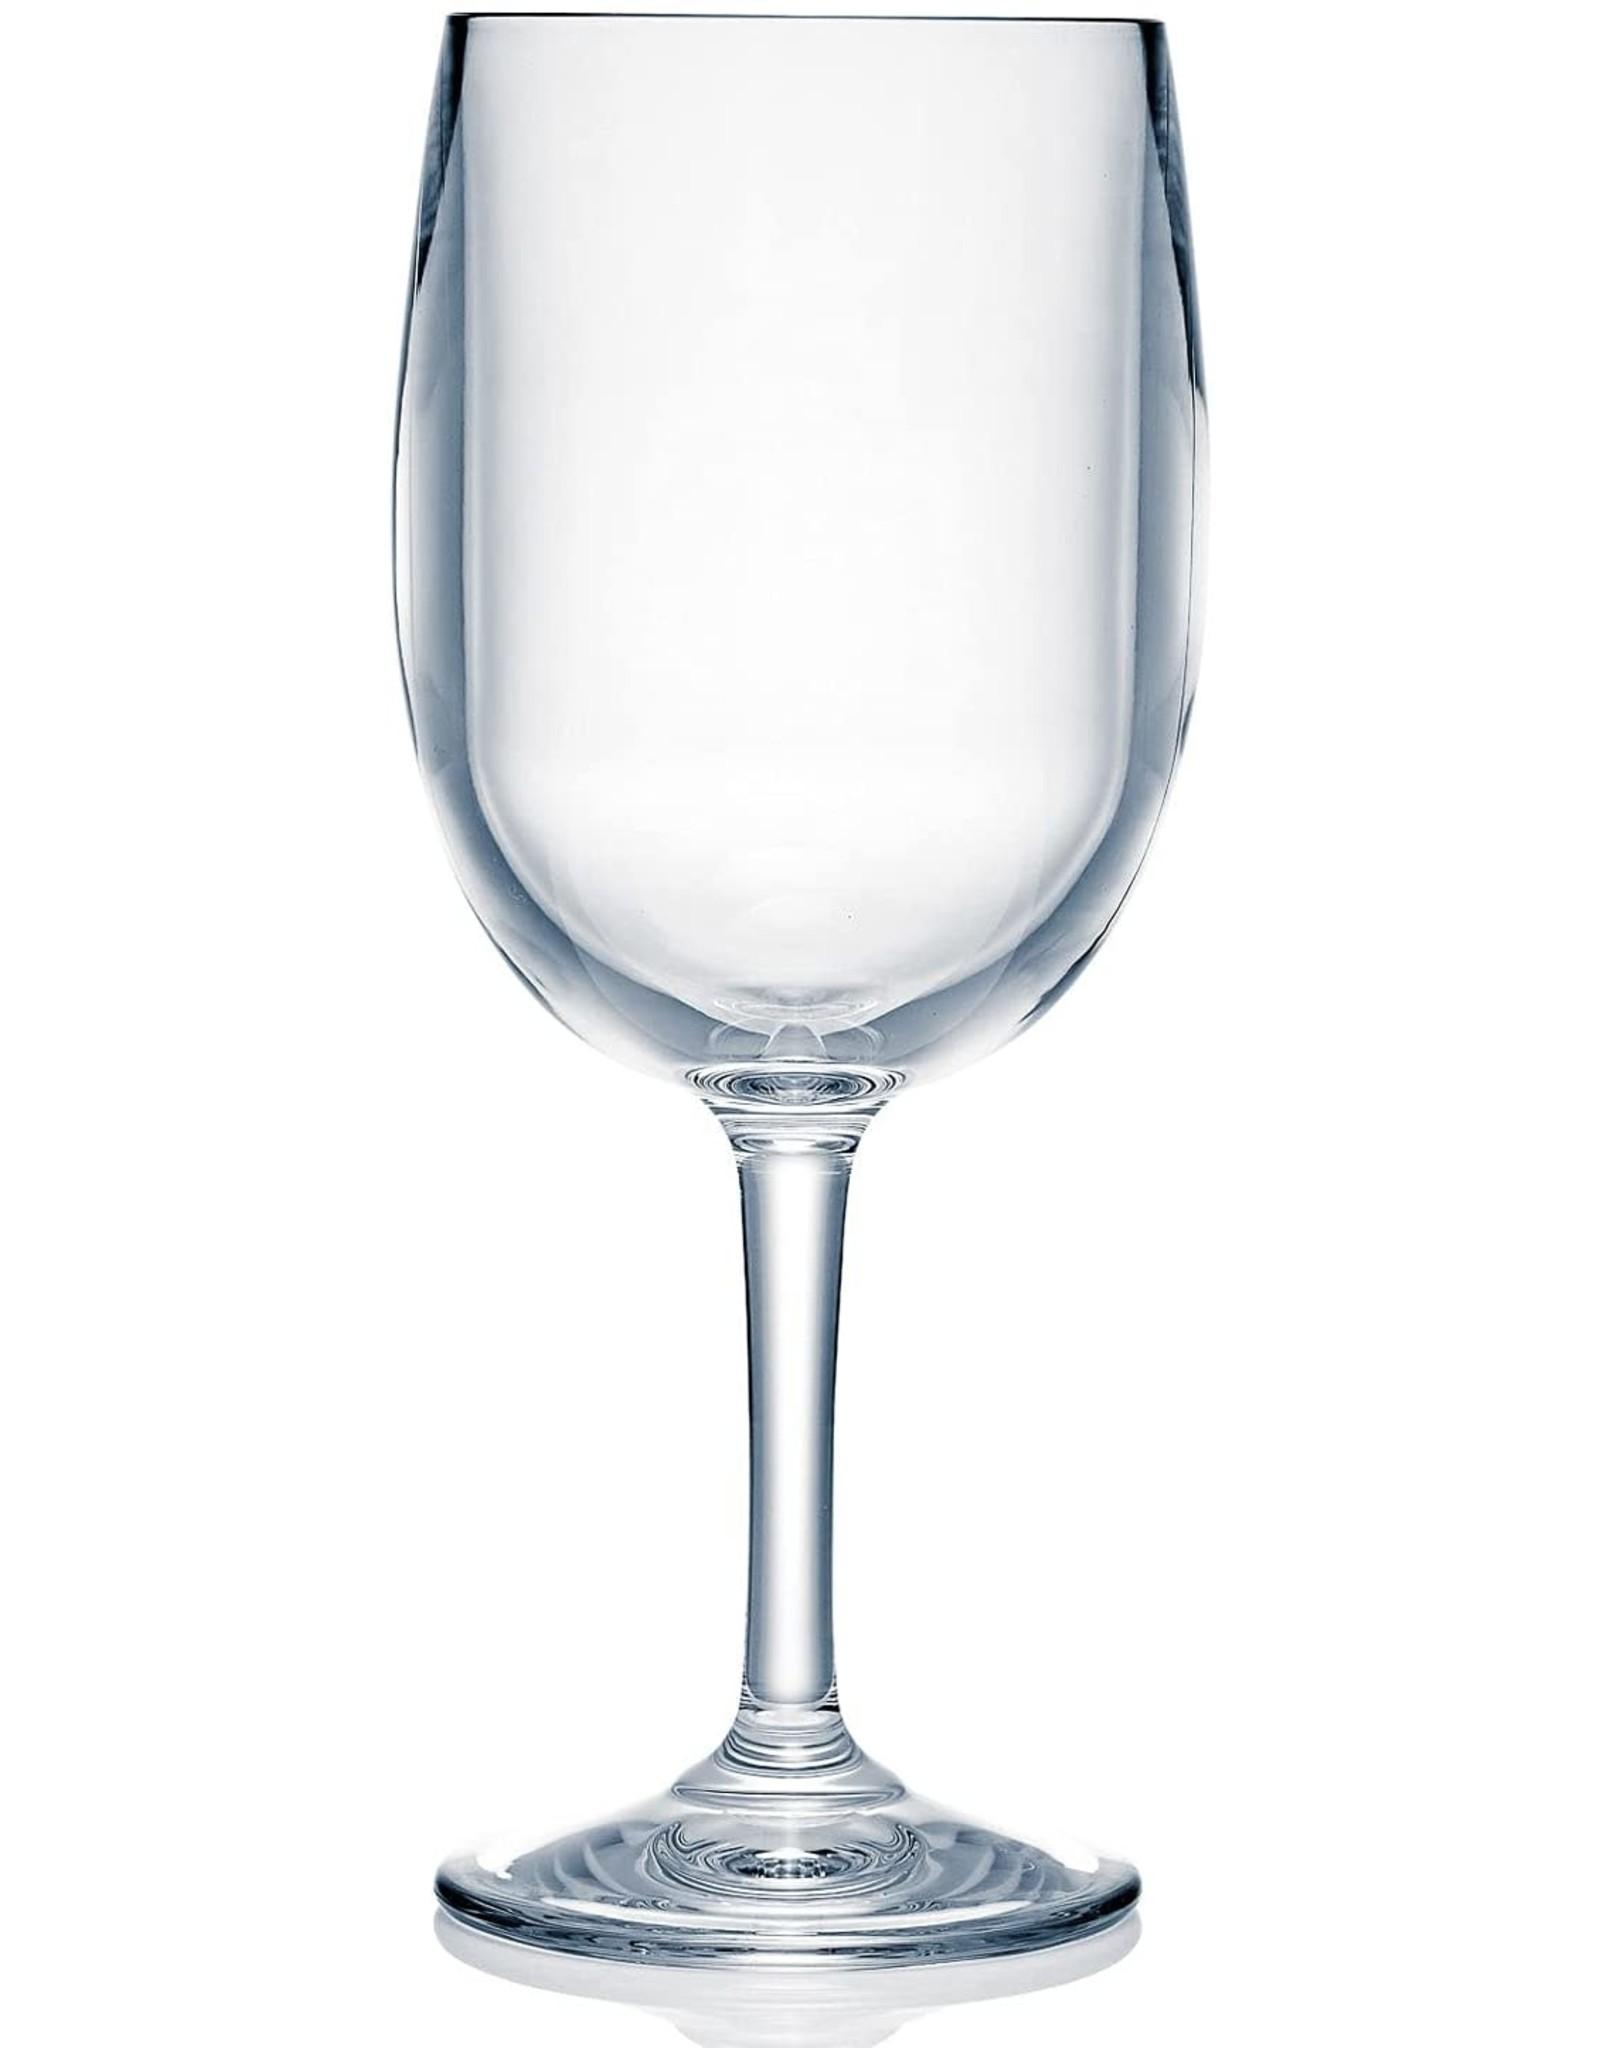 Strahl STRAHL Design+13oz Large Wine Glass